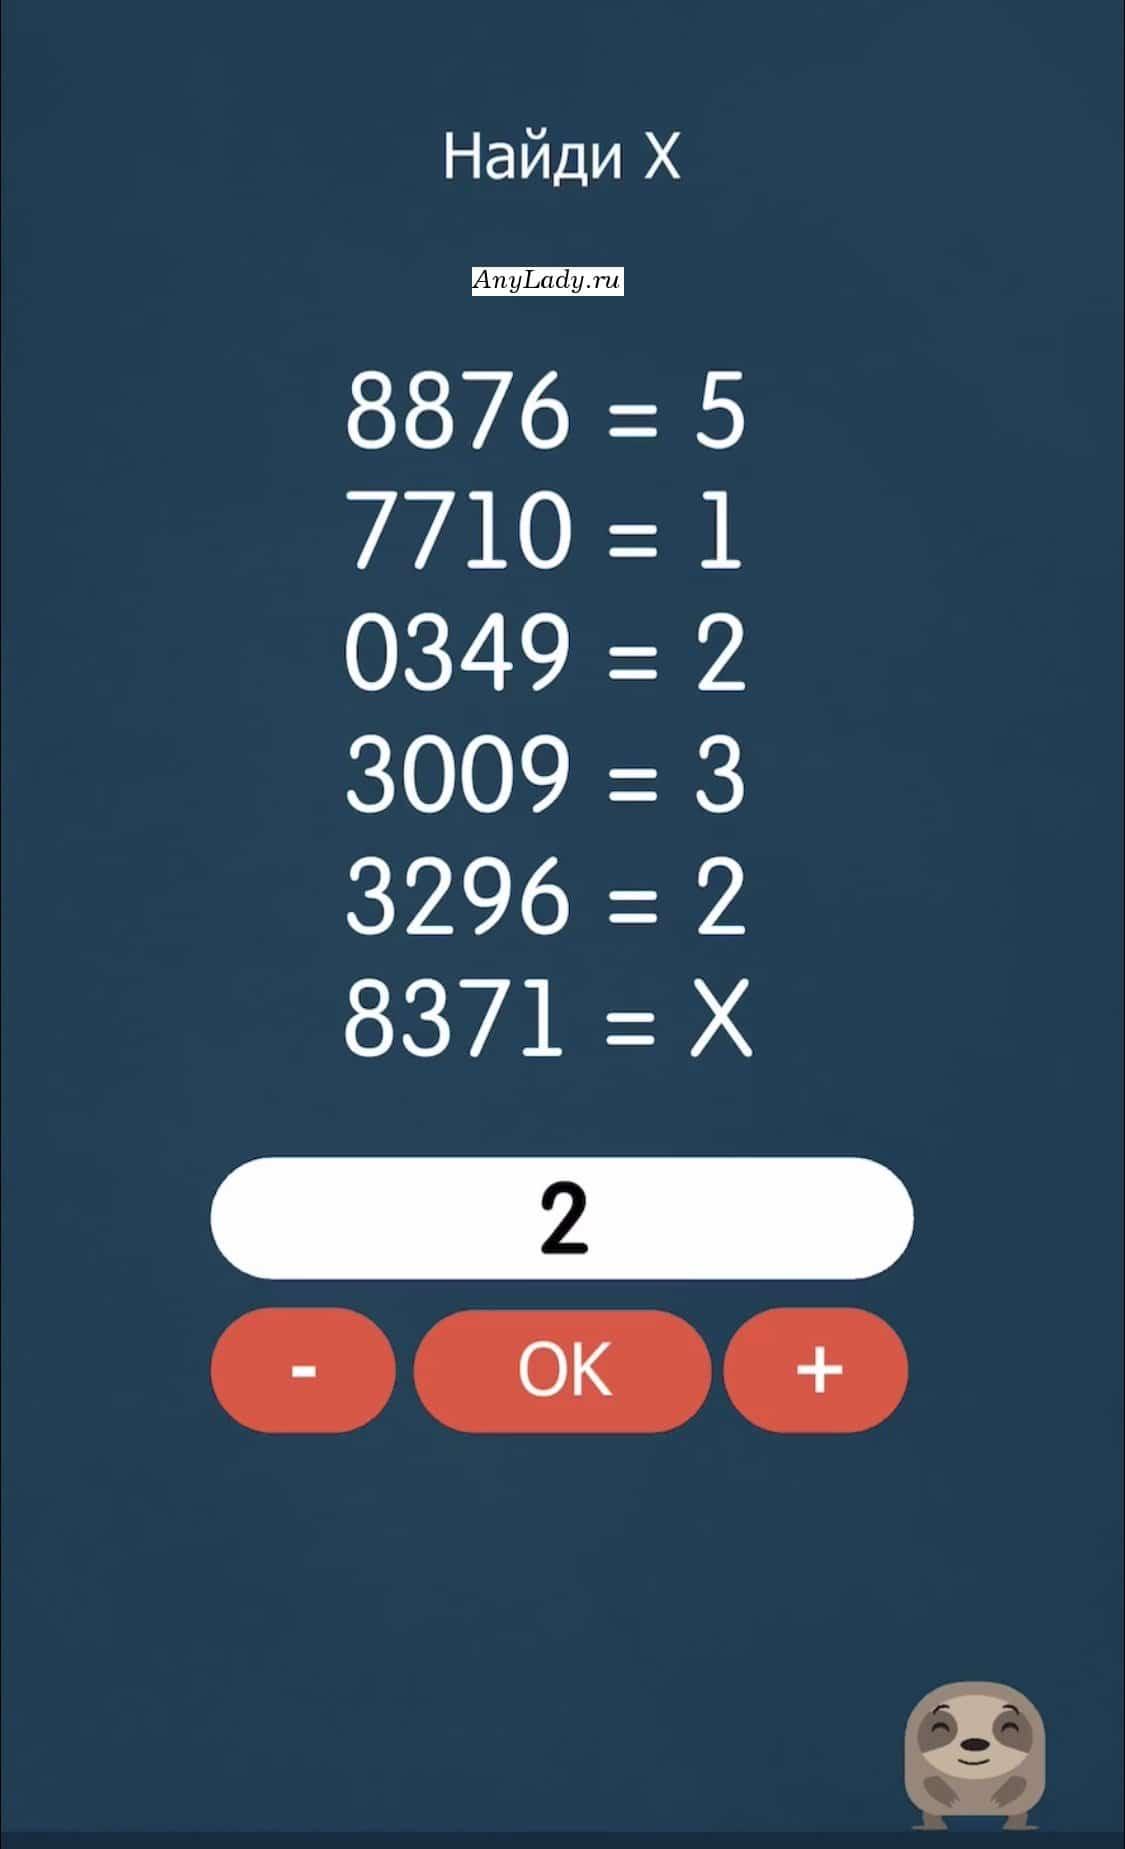 В уравнение указывается количество кругов, которые использовались в при написании чисел.